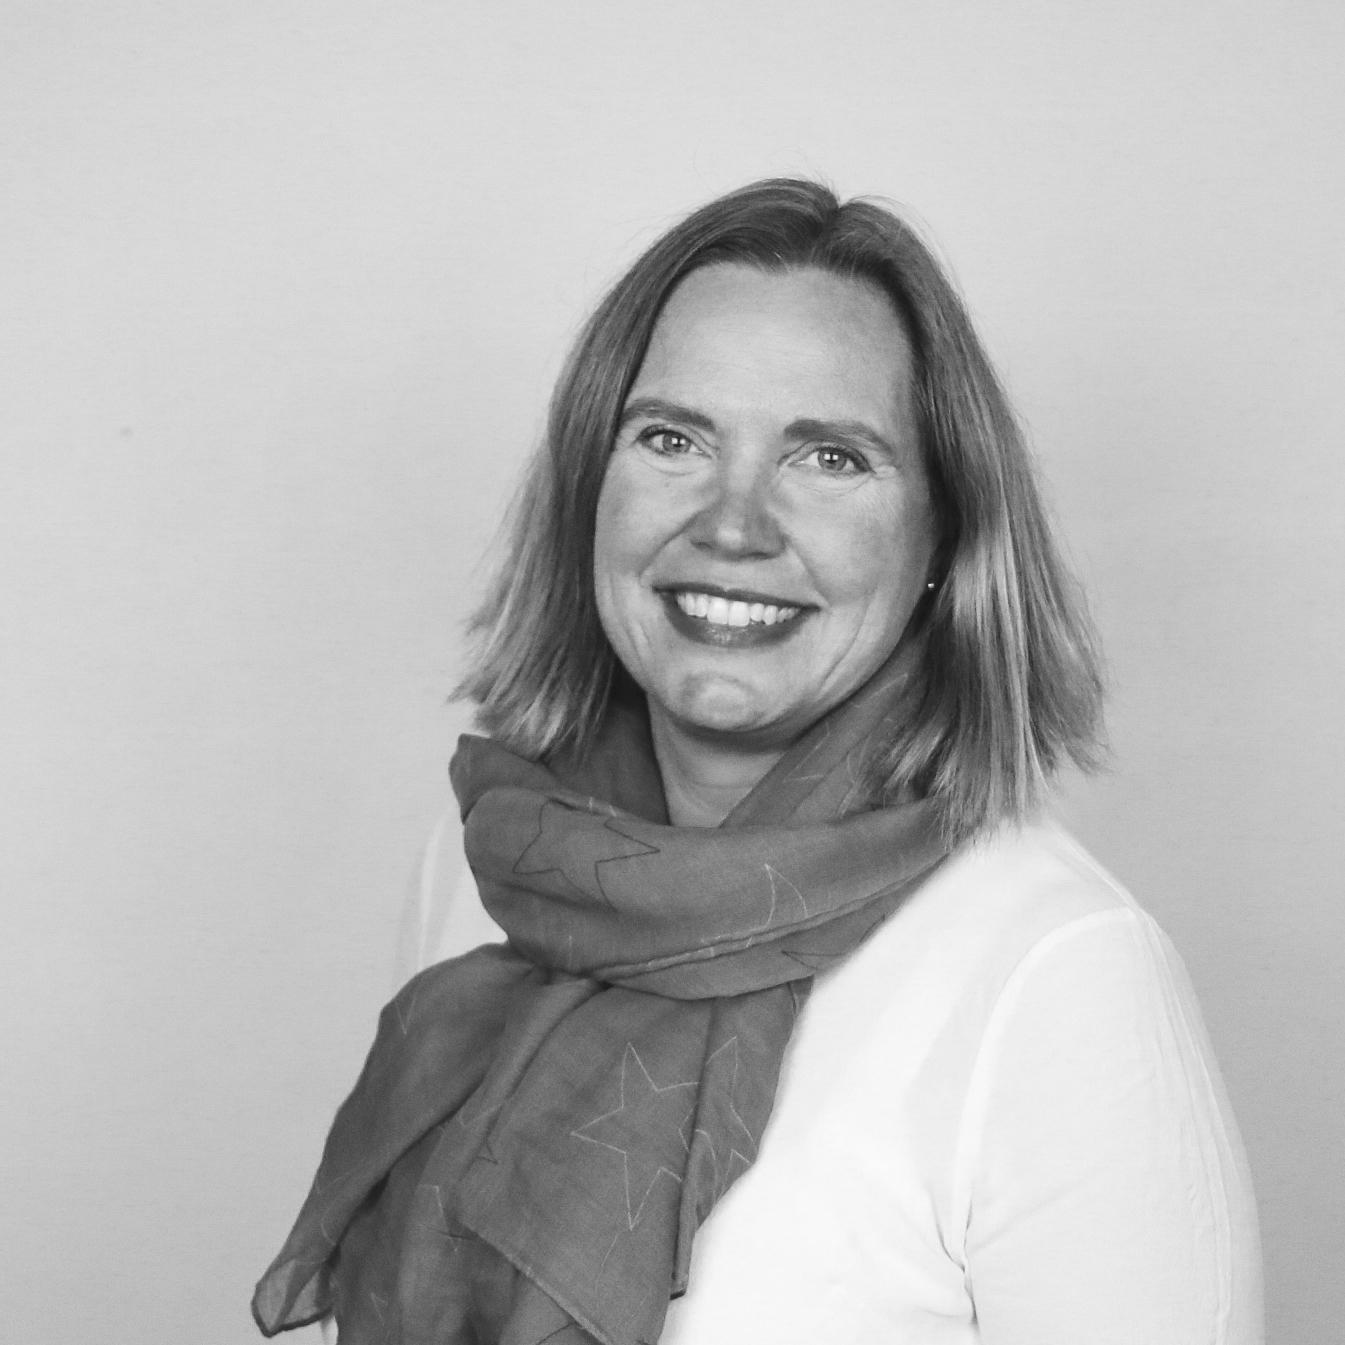 Hanne Glemmestad fra FO-ledelsen. Medlem av arbeidsutvalget og leder for profesjonsrådet for sosionomer